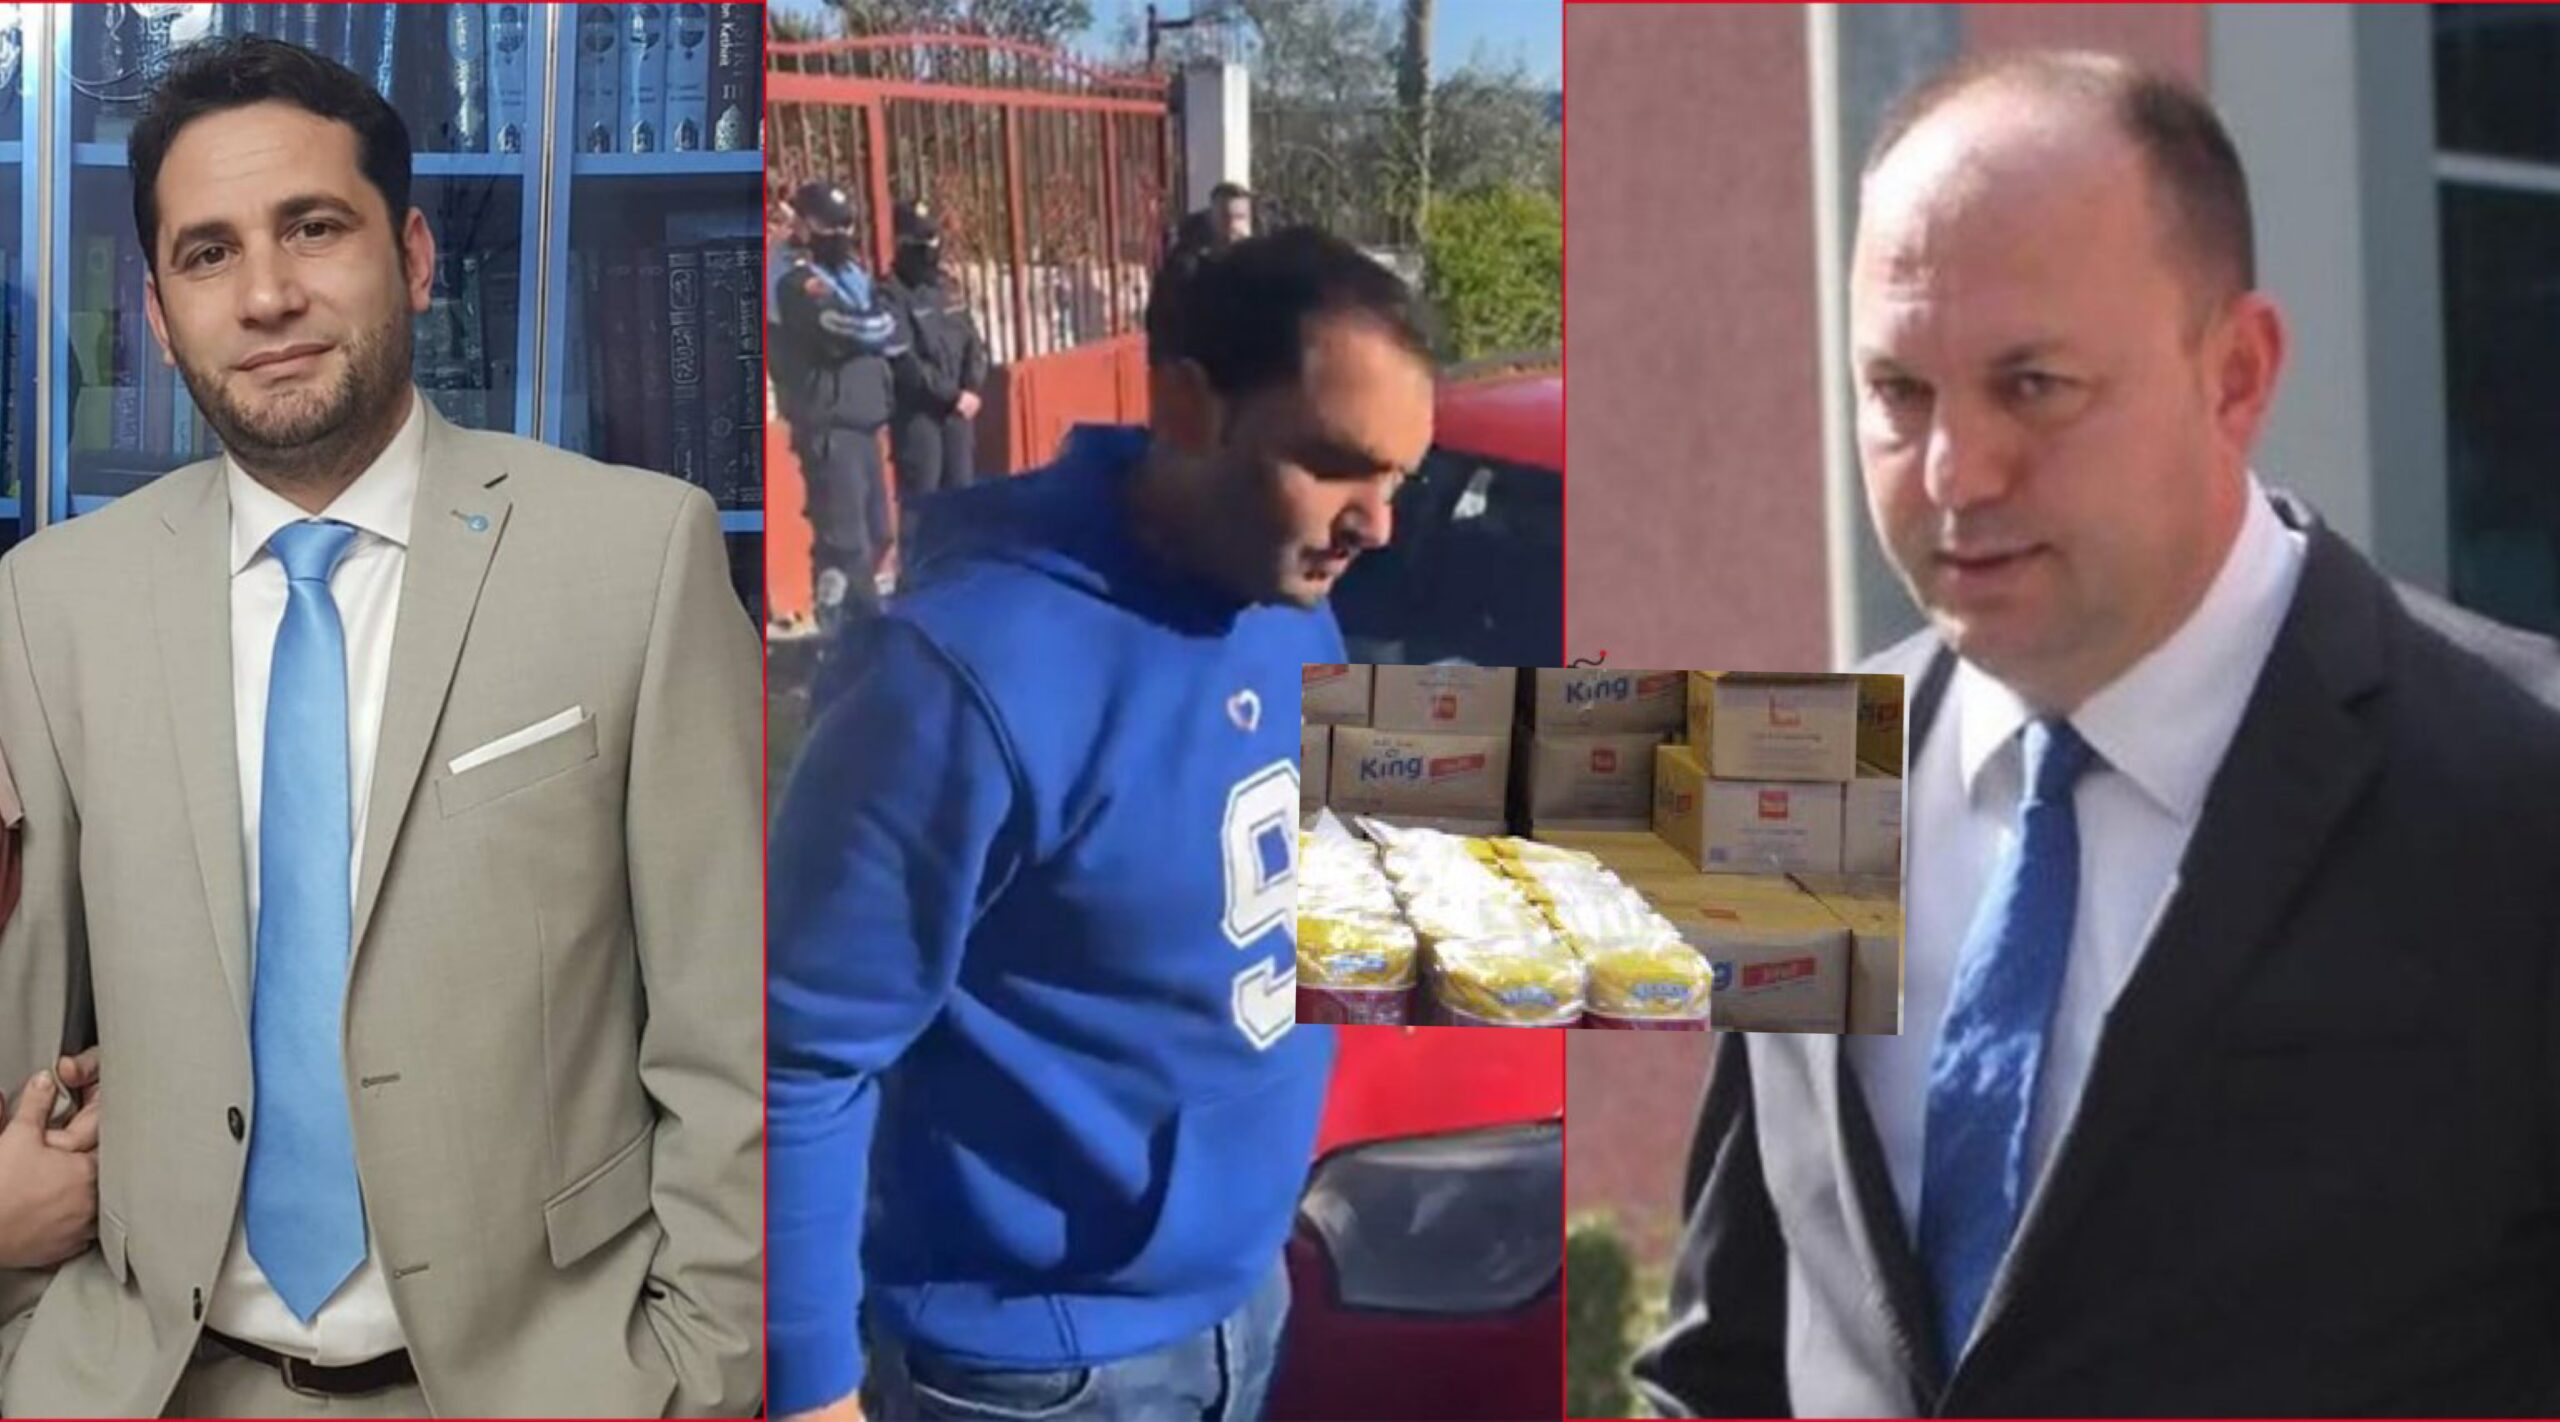 SKANDALI i Partisë Demokratike/ Ndaluan makinën me ushqime në Vaqarr dhe thanë se ishte për VOTA, ushqimet ishin të Elvis Naçit, për hapjen e iftarit